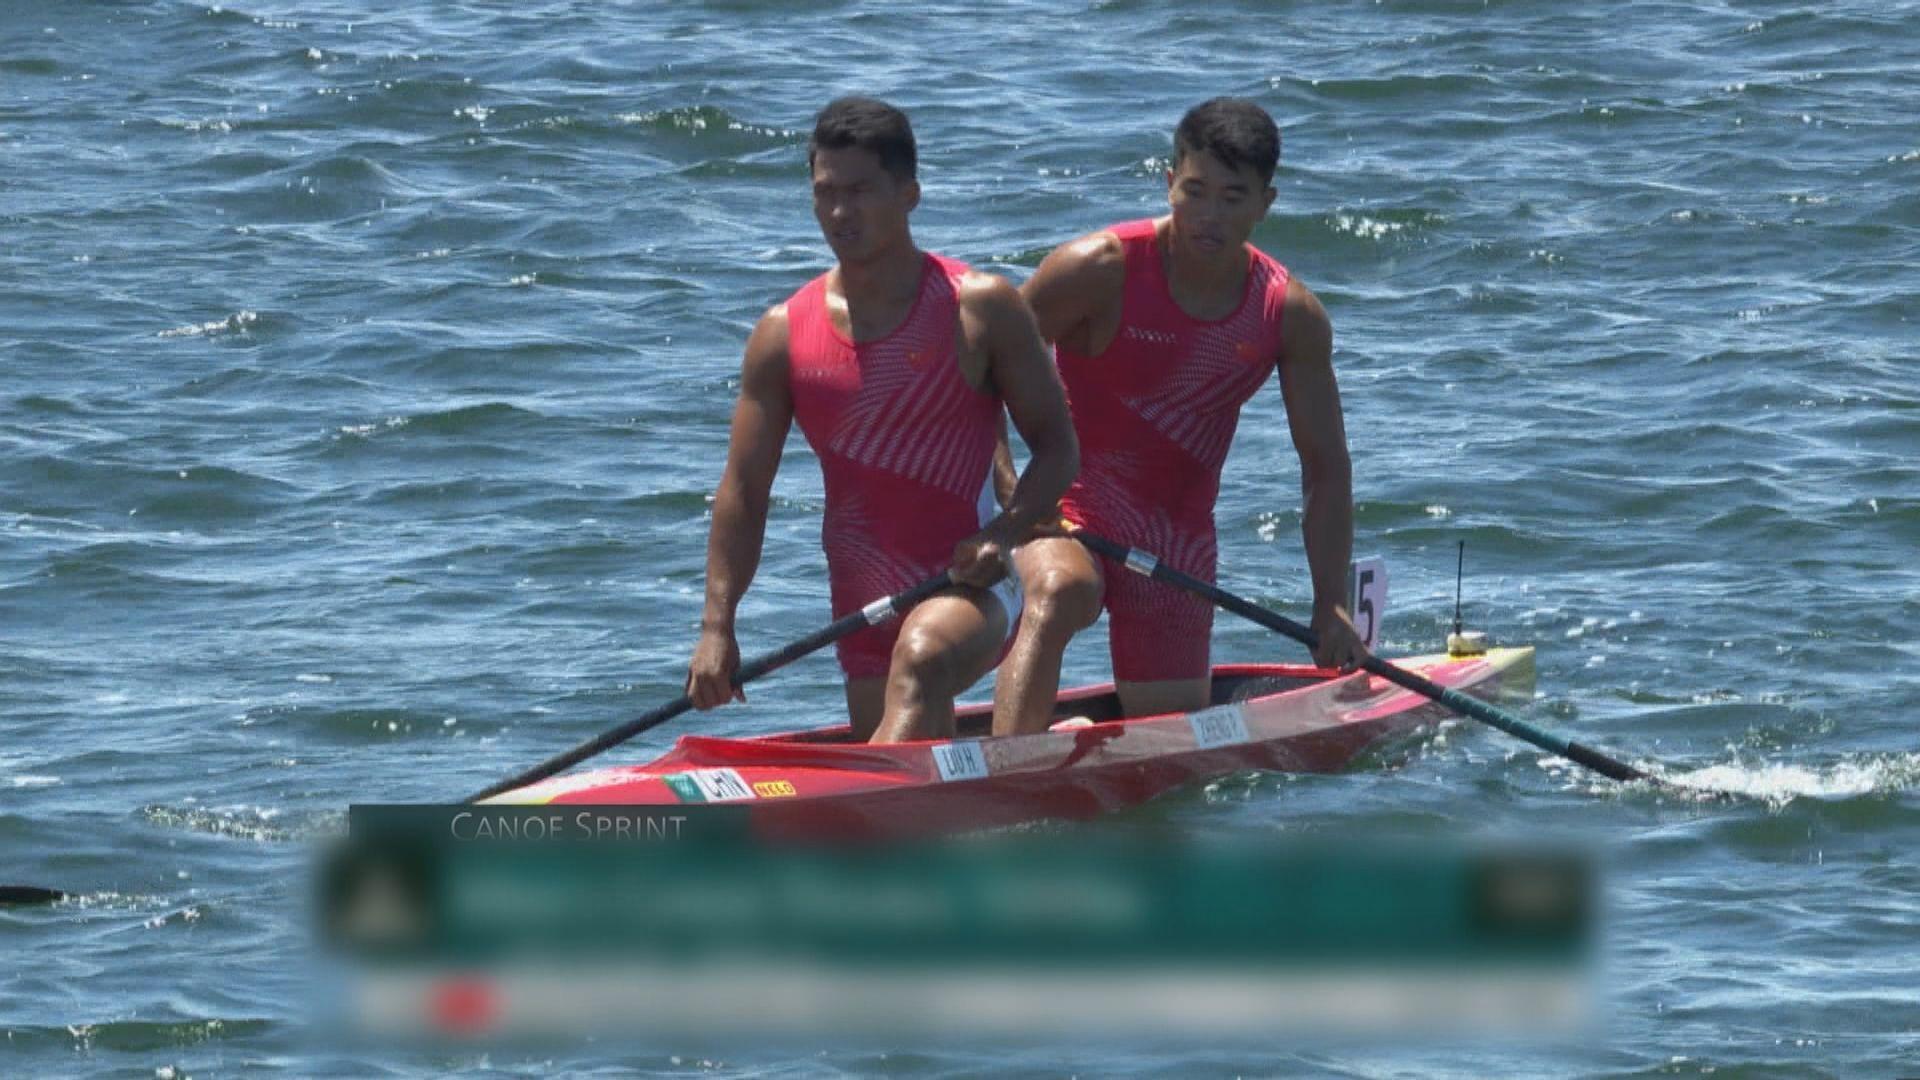 男子1000米雙人划艇靜水項目 中國隊奪得銀牌